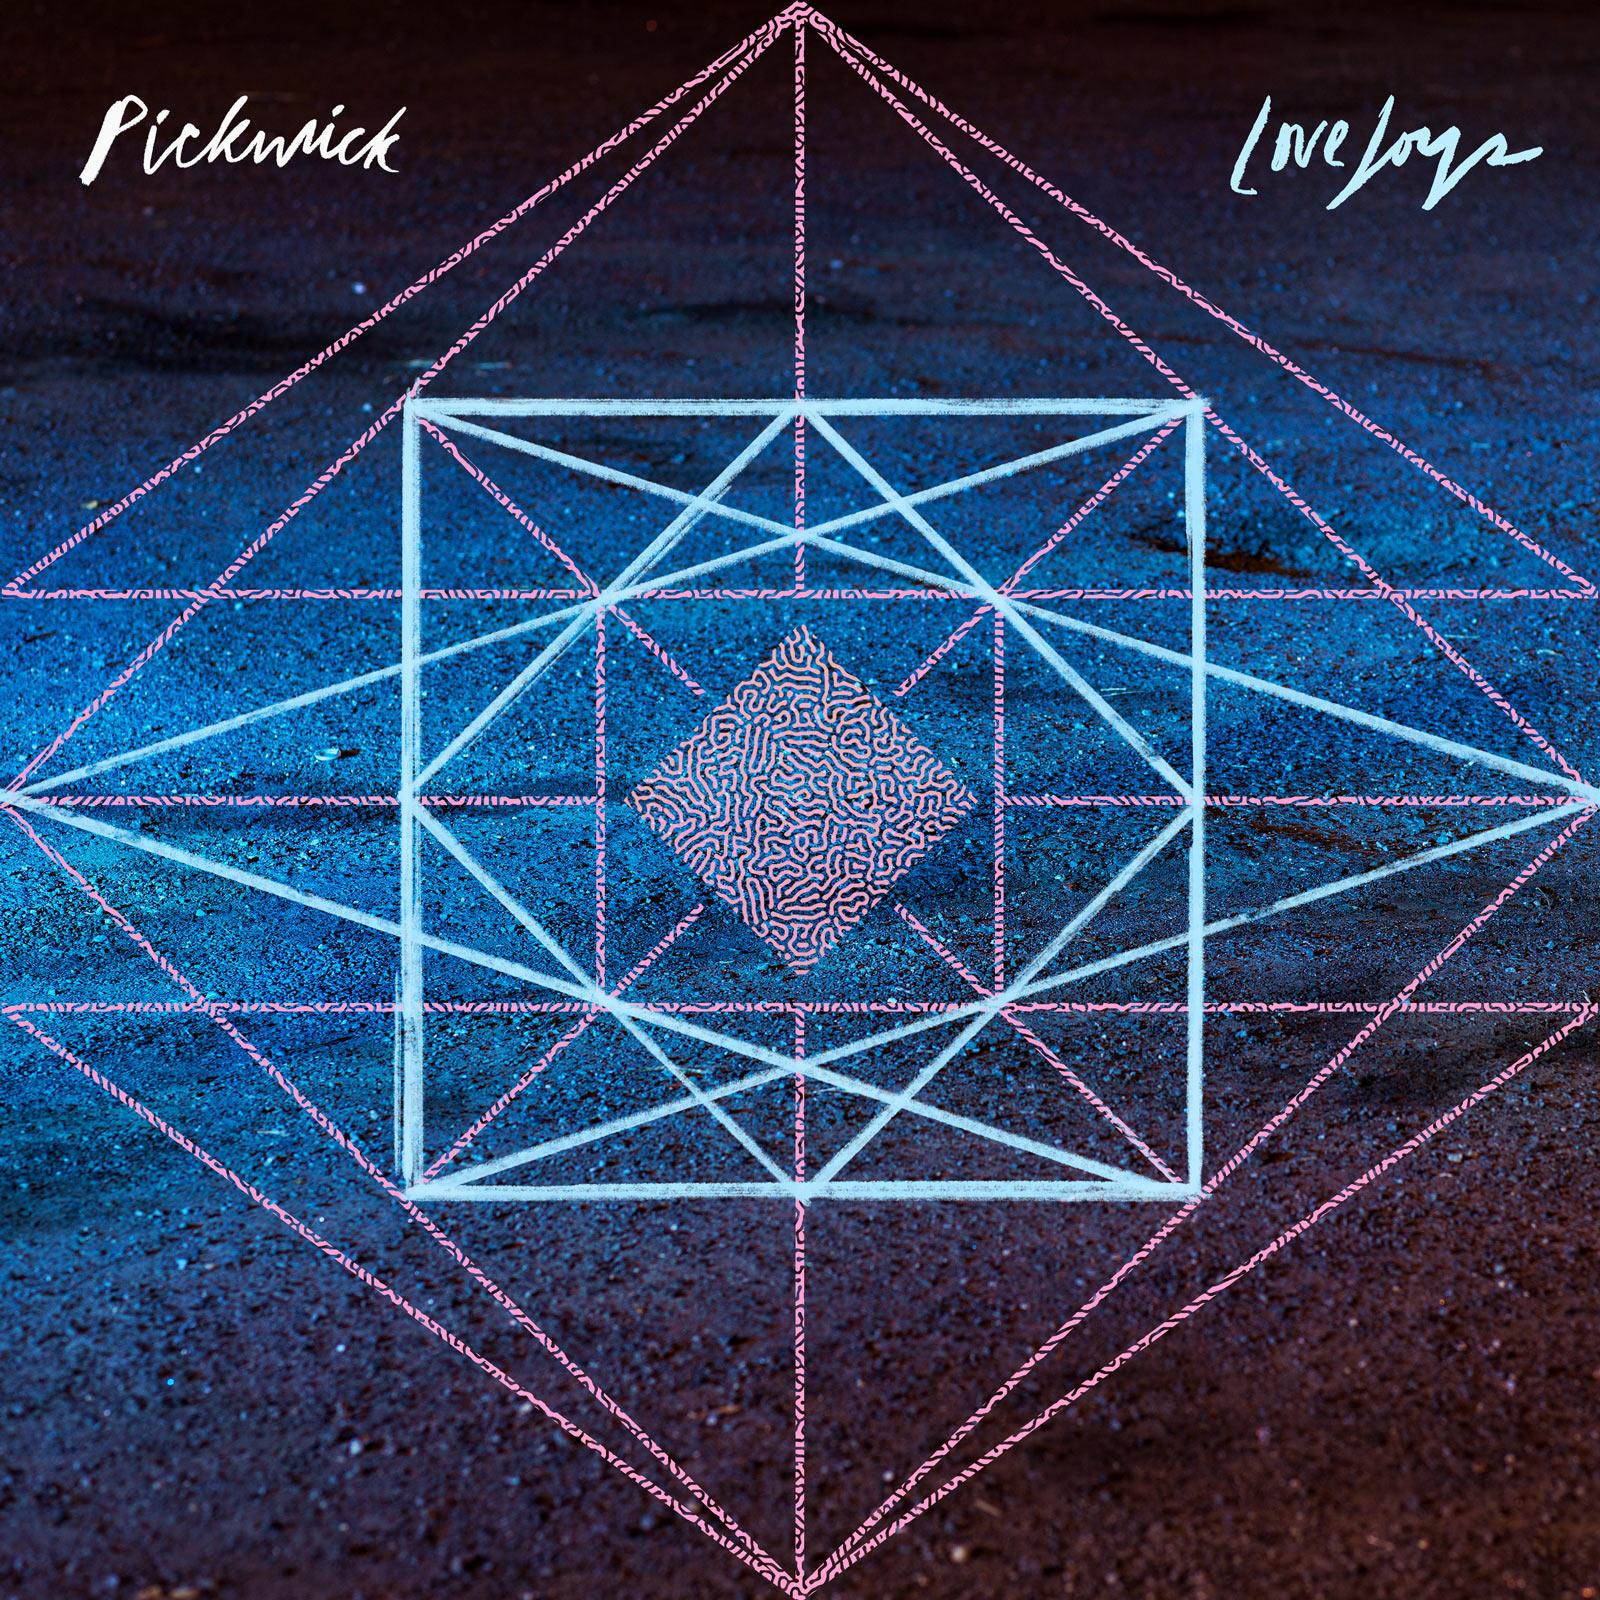 LoveJoys Album Cover